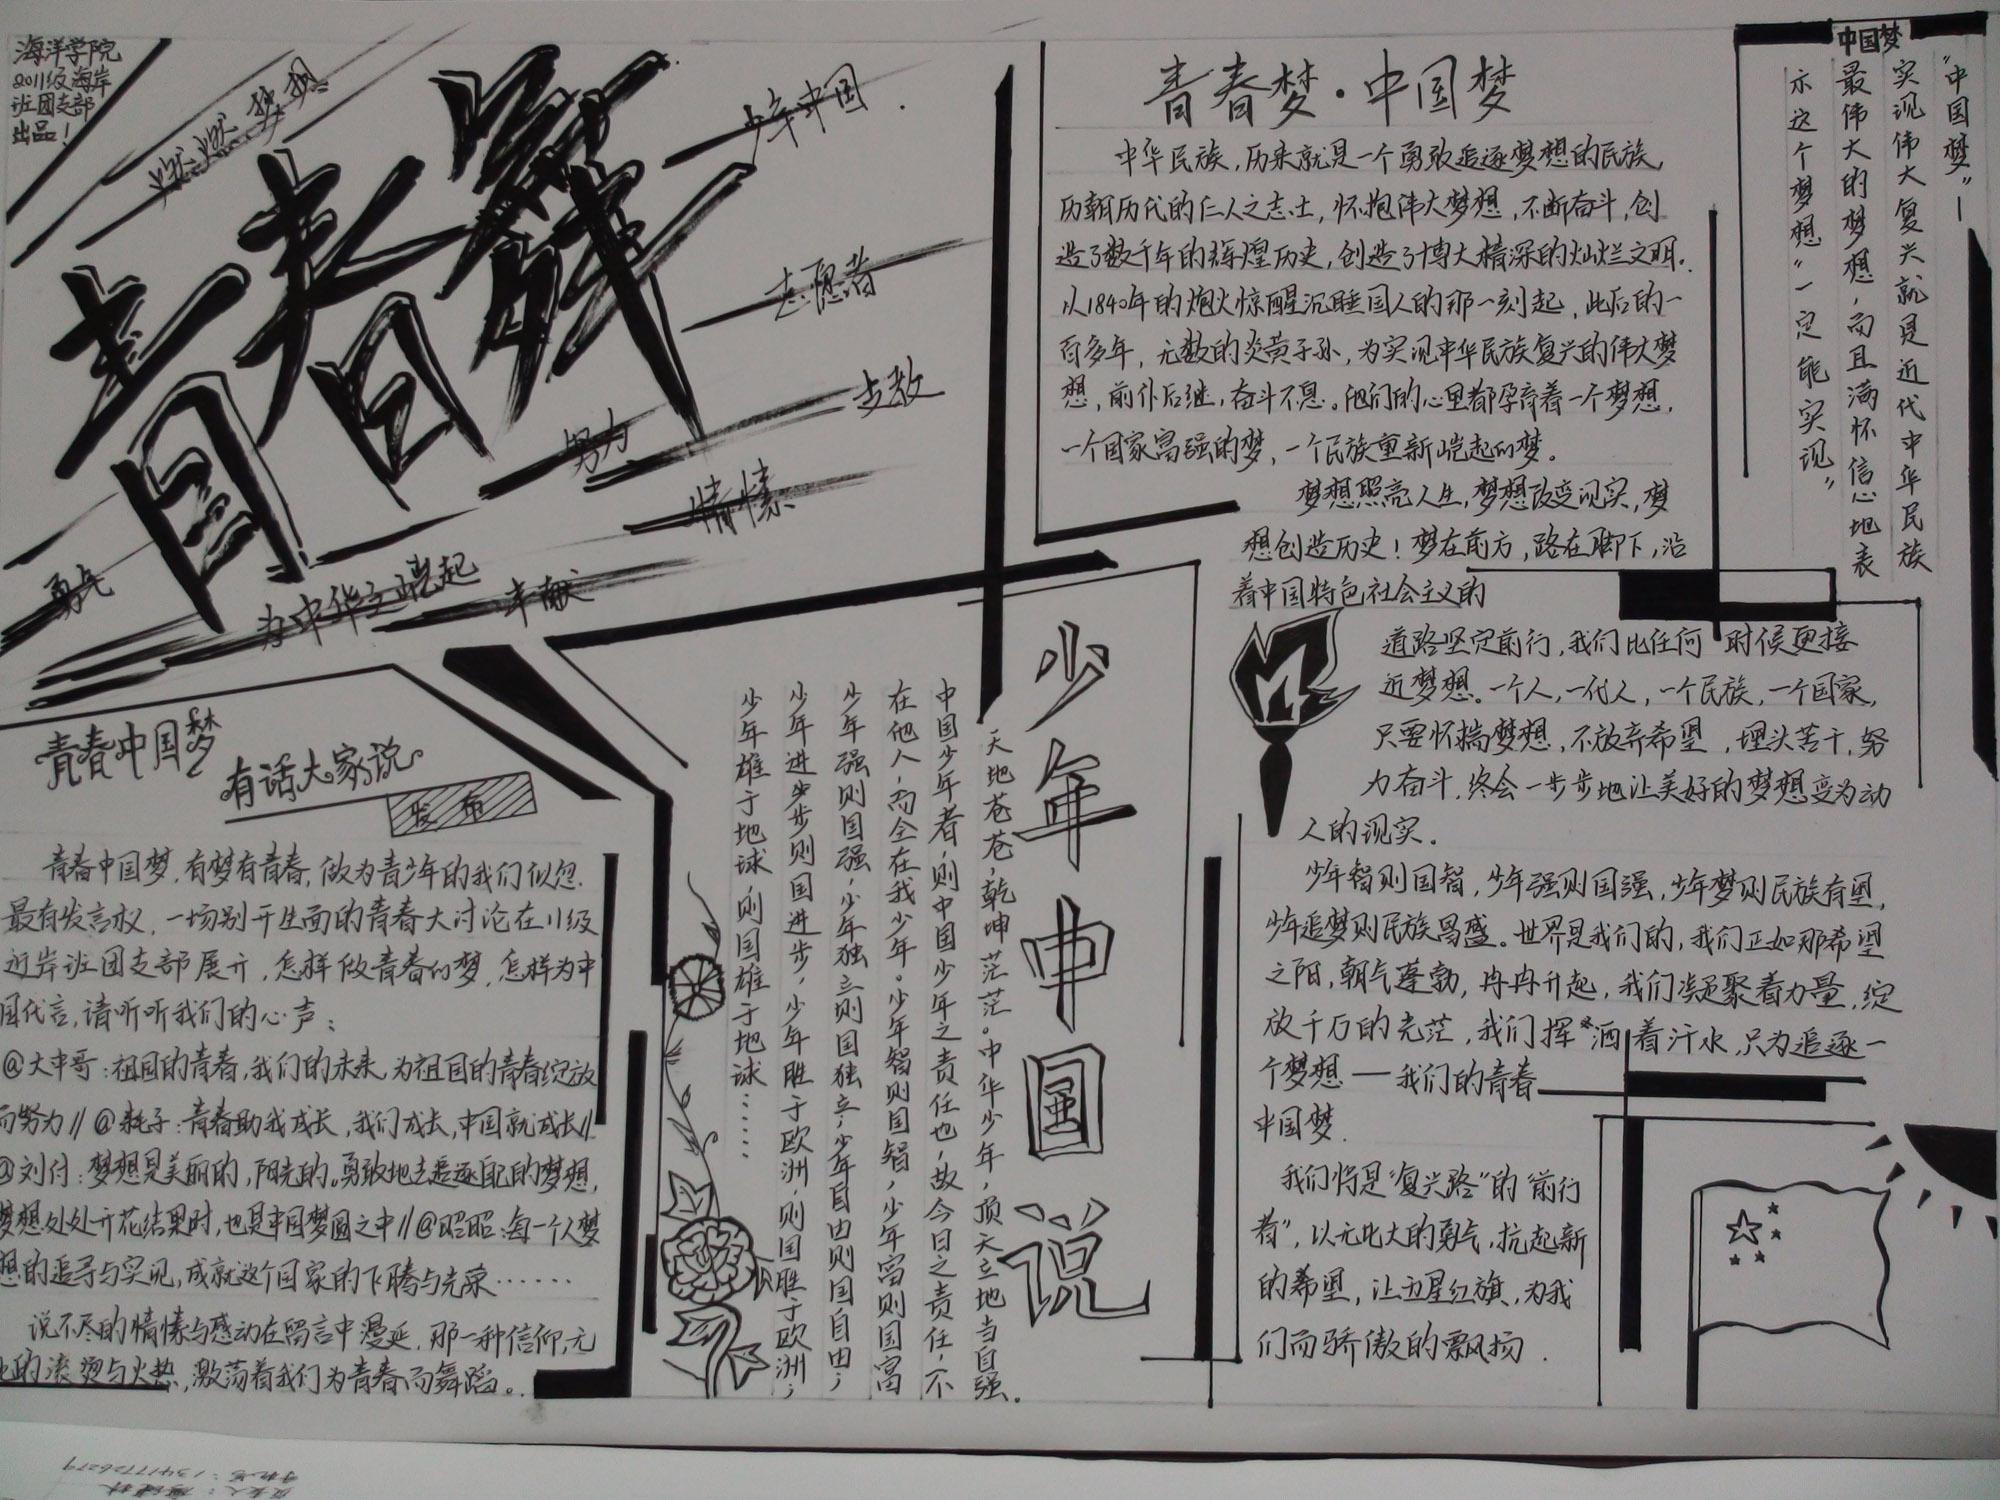 以青春为主题的黑板报 以青春为主题的手抄报关于图片